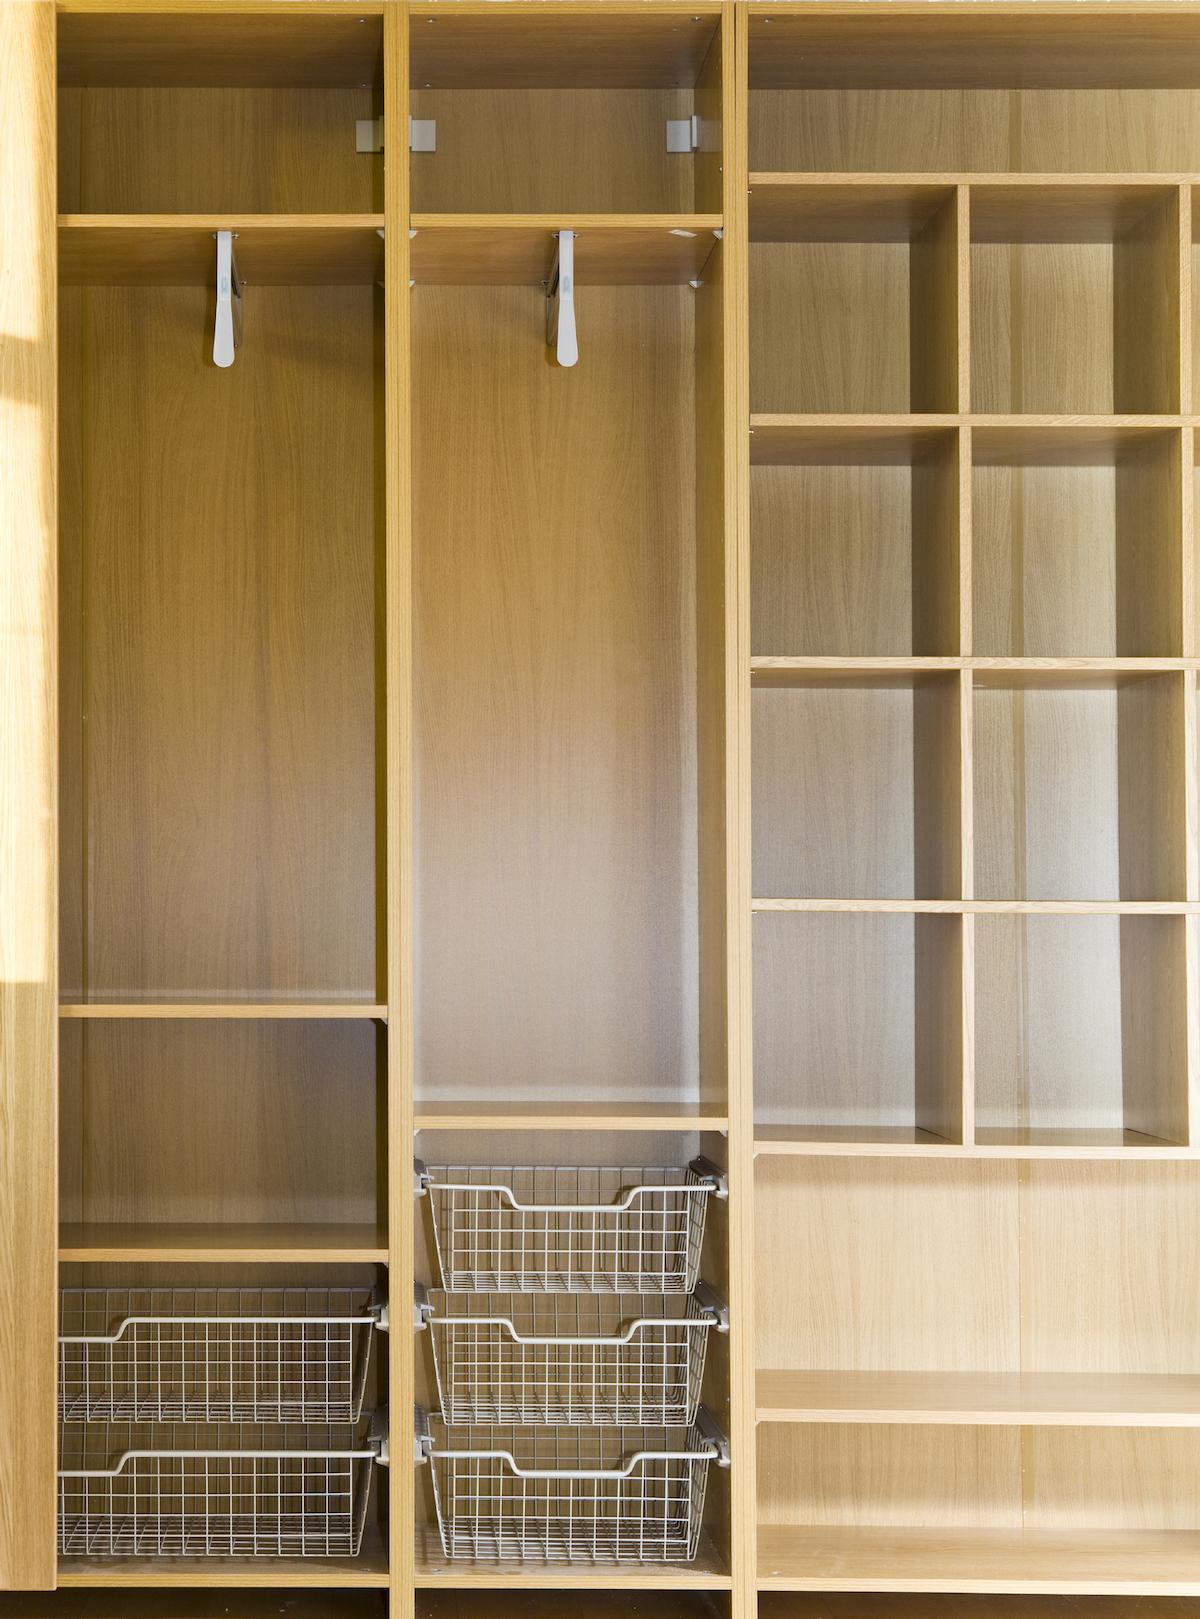 Free cliparts download clip. Closet clipart empty closet